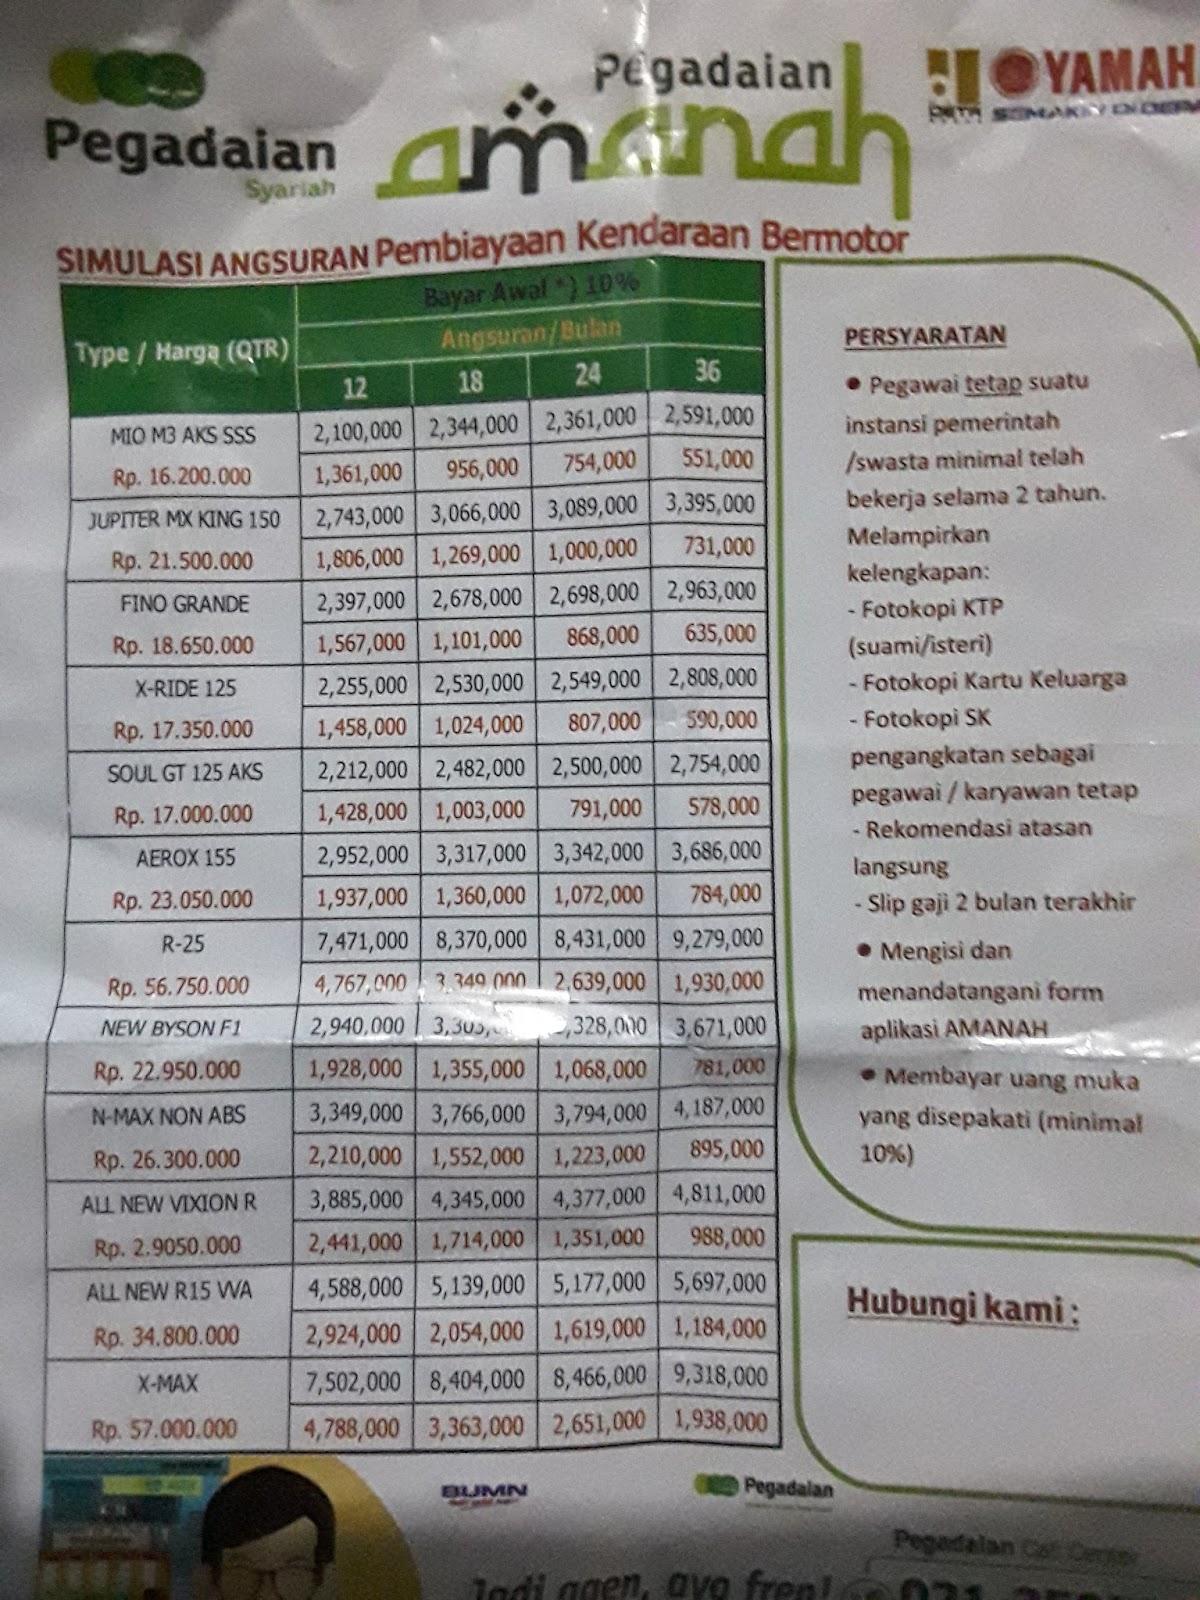 Informasi Kredit Motor di Pegadaian - Petunjuk Onlene